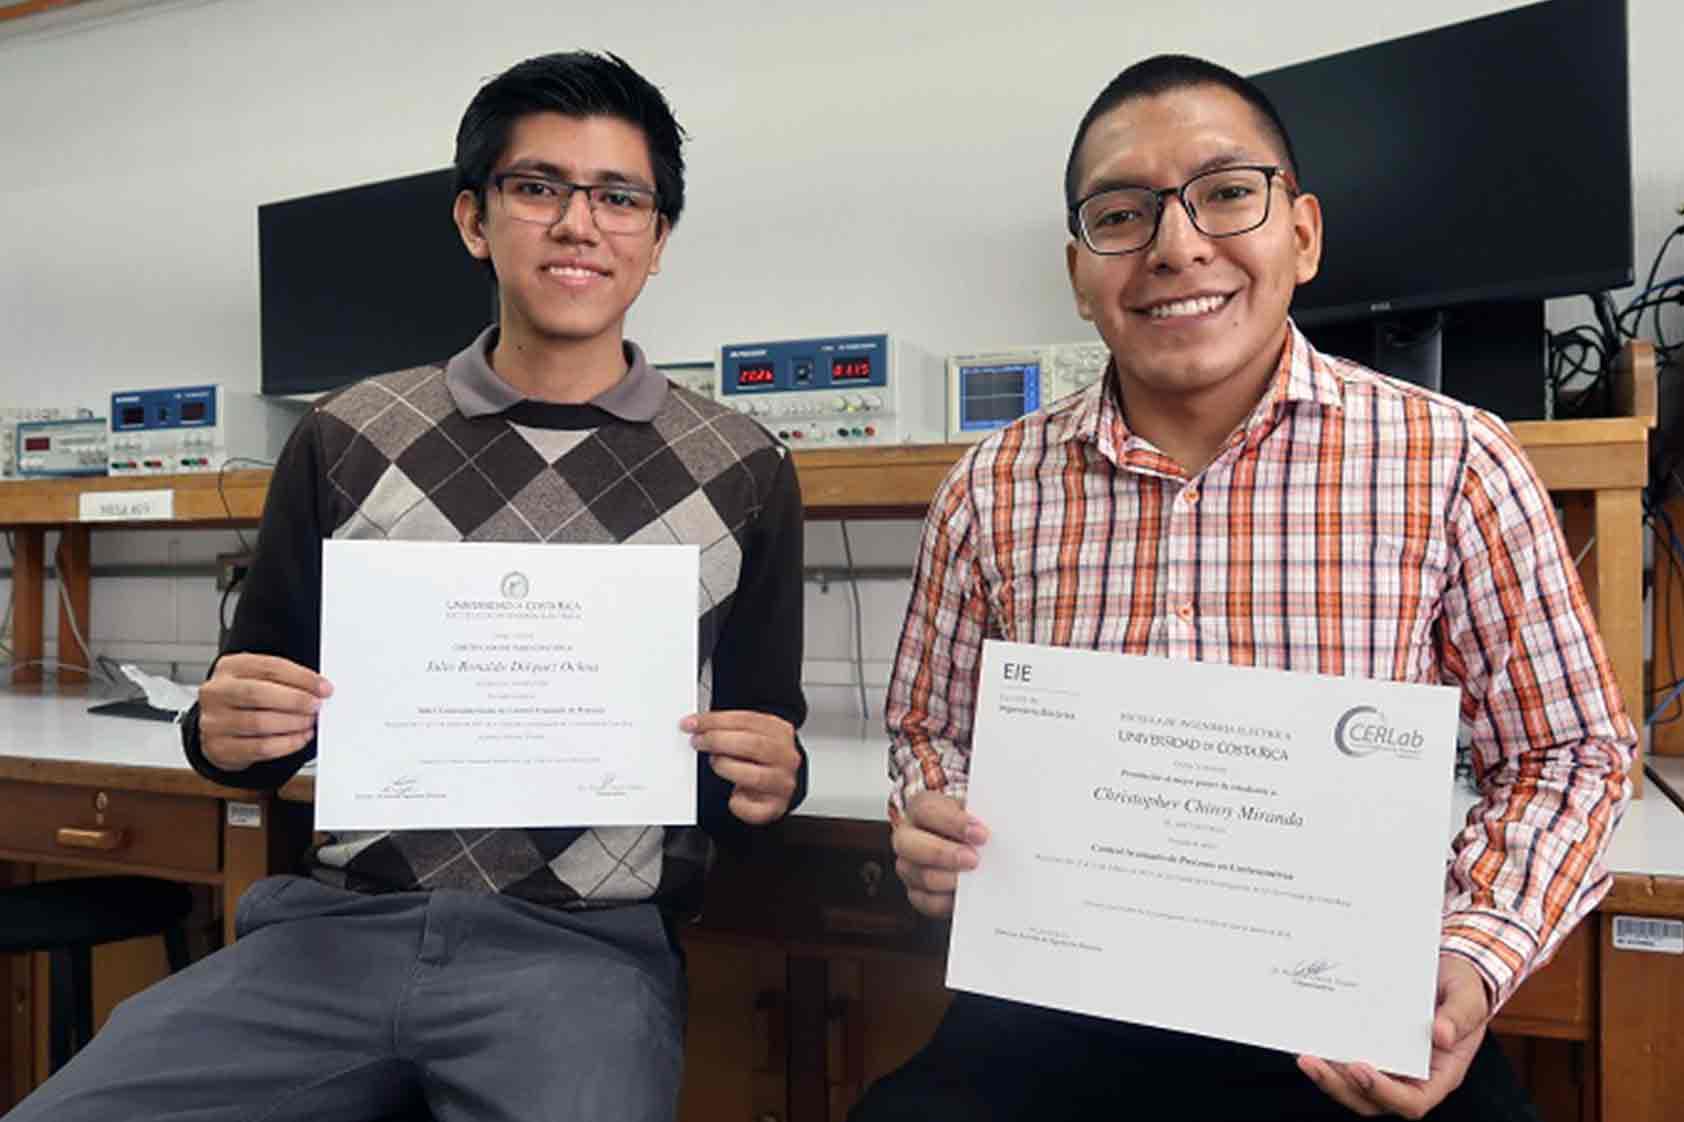 Cuando la Biología inspira a dos estudiantes de Ing. Mecatrónica de la UVG